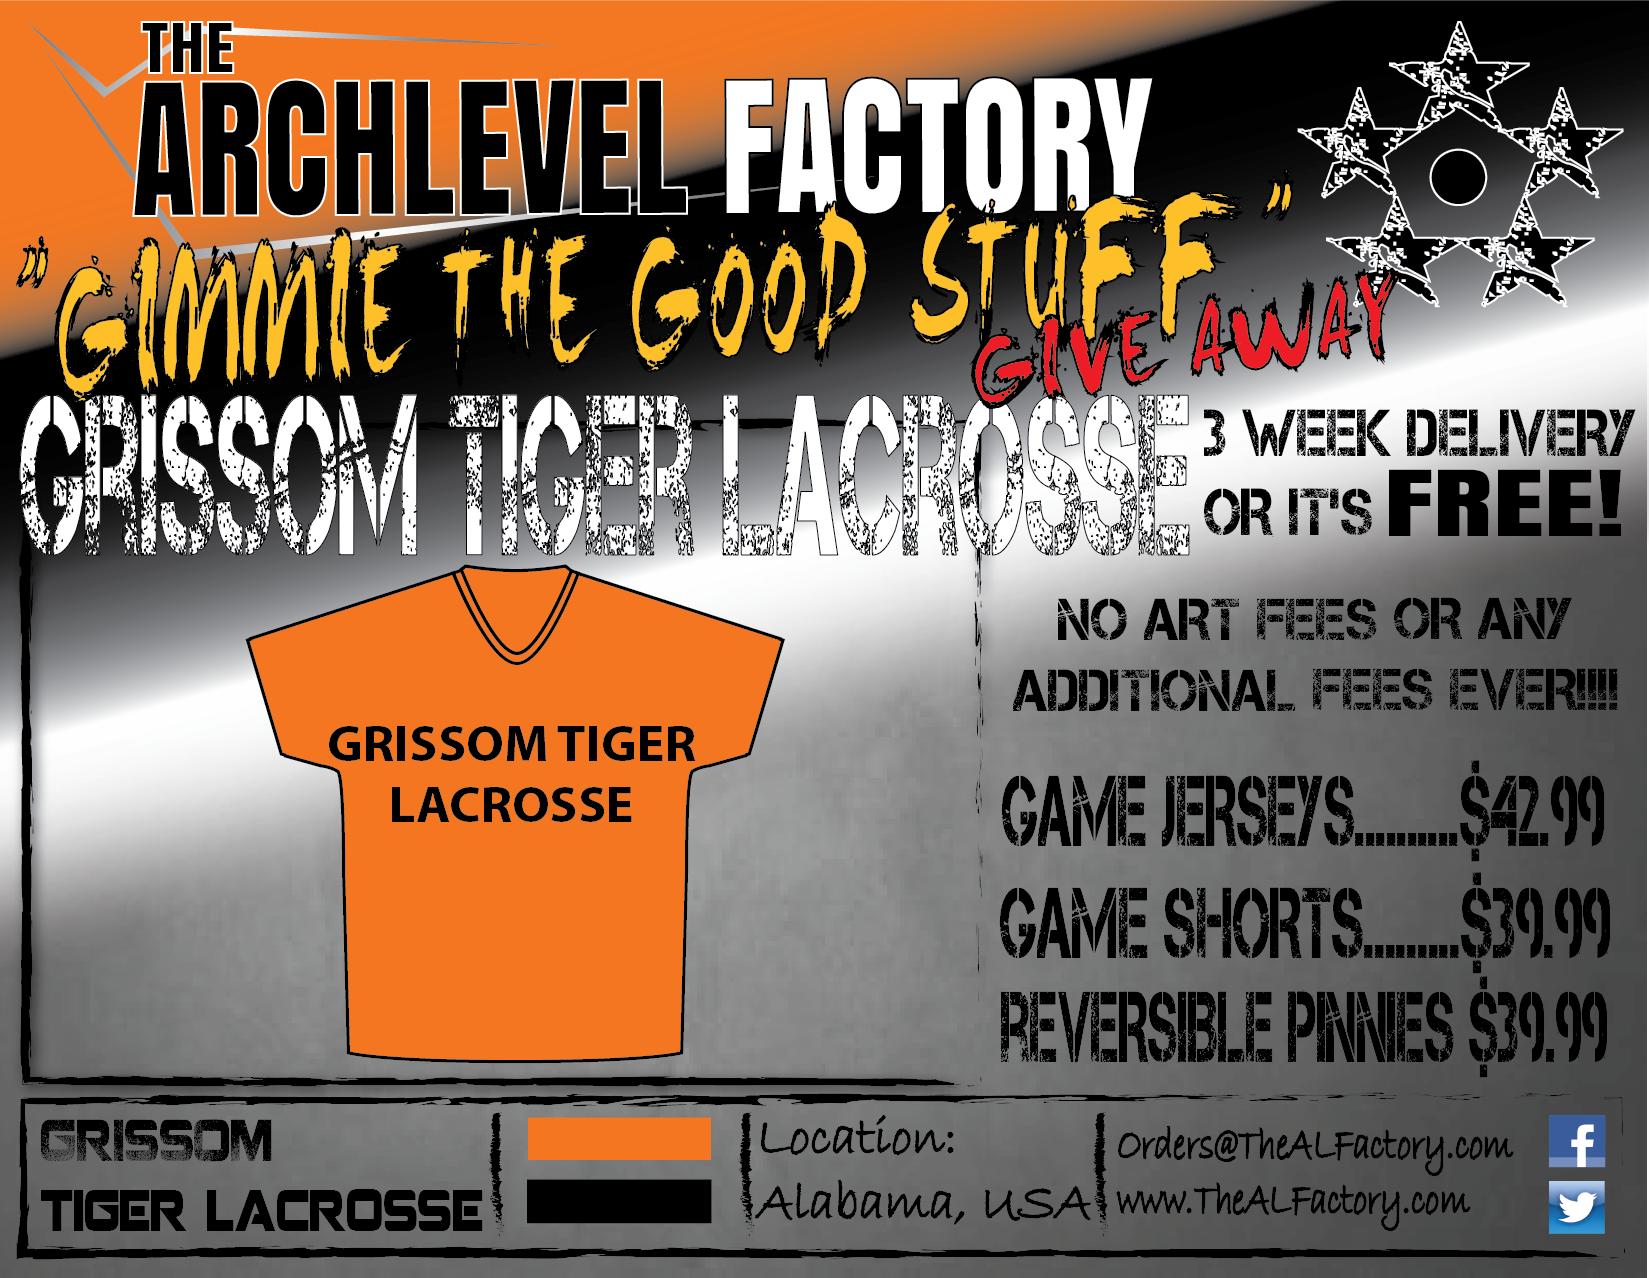 Grissom Tiger Lacrosse